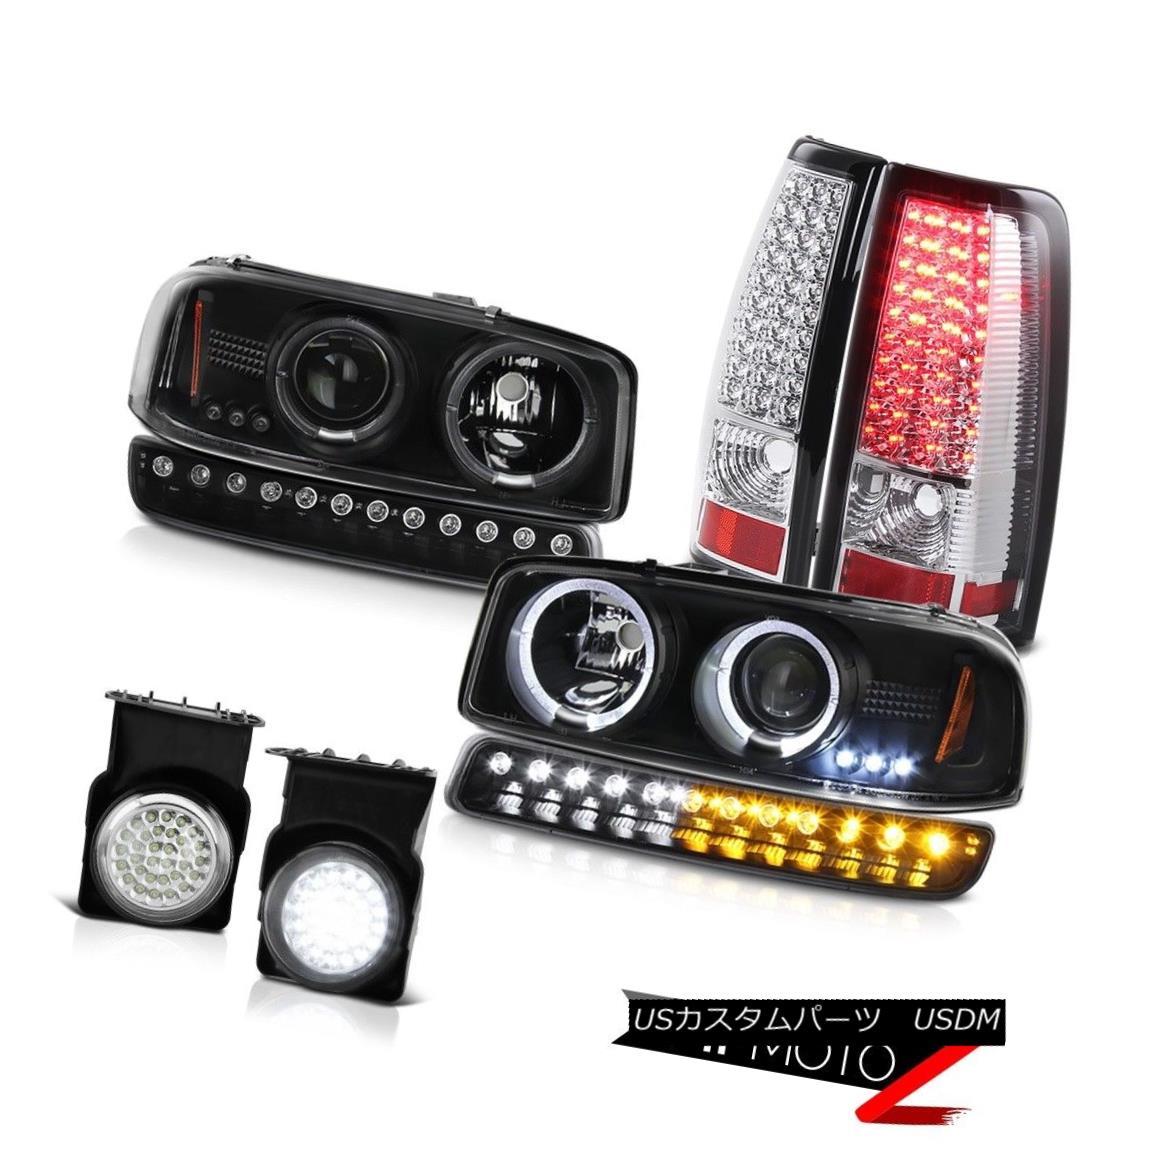 テールライト 2003-2006 GMC Sierra Foglamps smd tail lights black parking light headlights 2003-2006 GMC Sierra Foglamps smdテールライトブラックパーキングライトヘッドライト